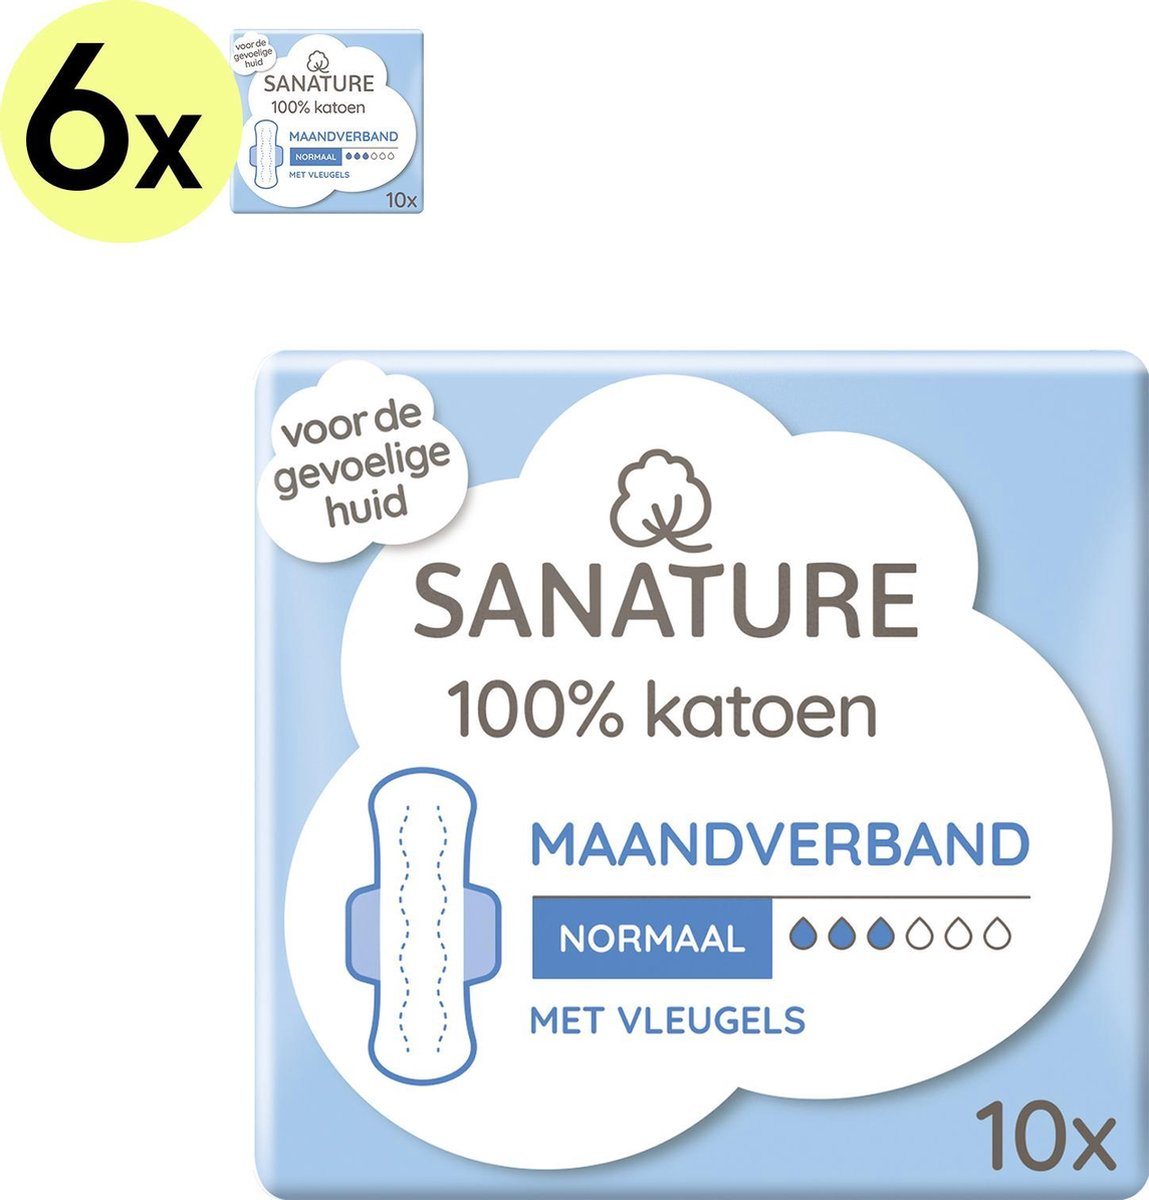 Sanature 100% Katoenen Maandverband Normaal met vleugels 6 x 10 stuks